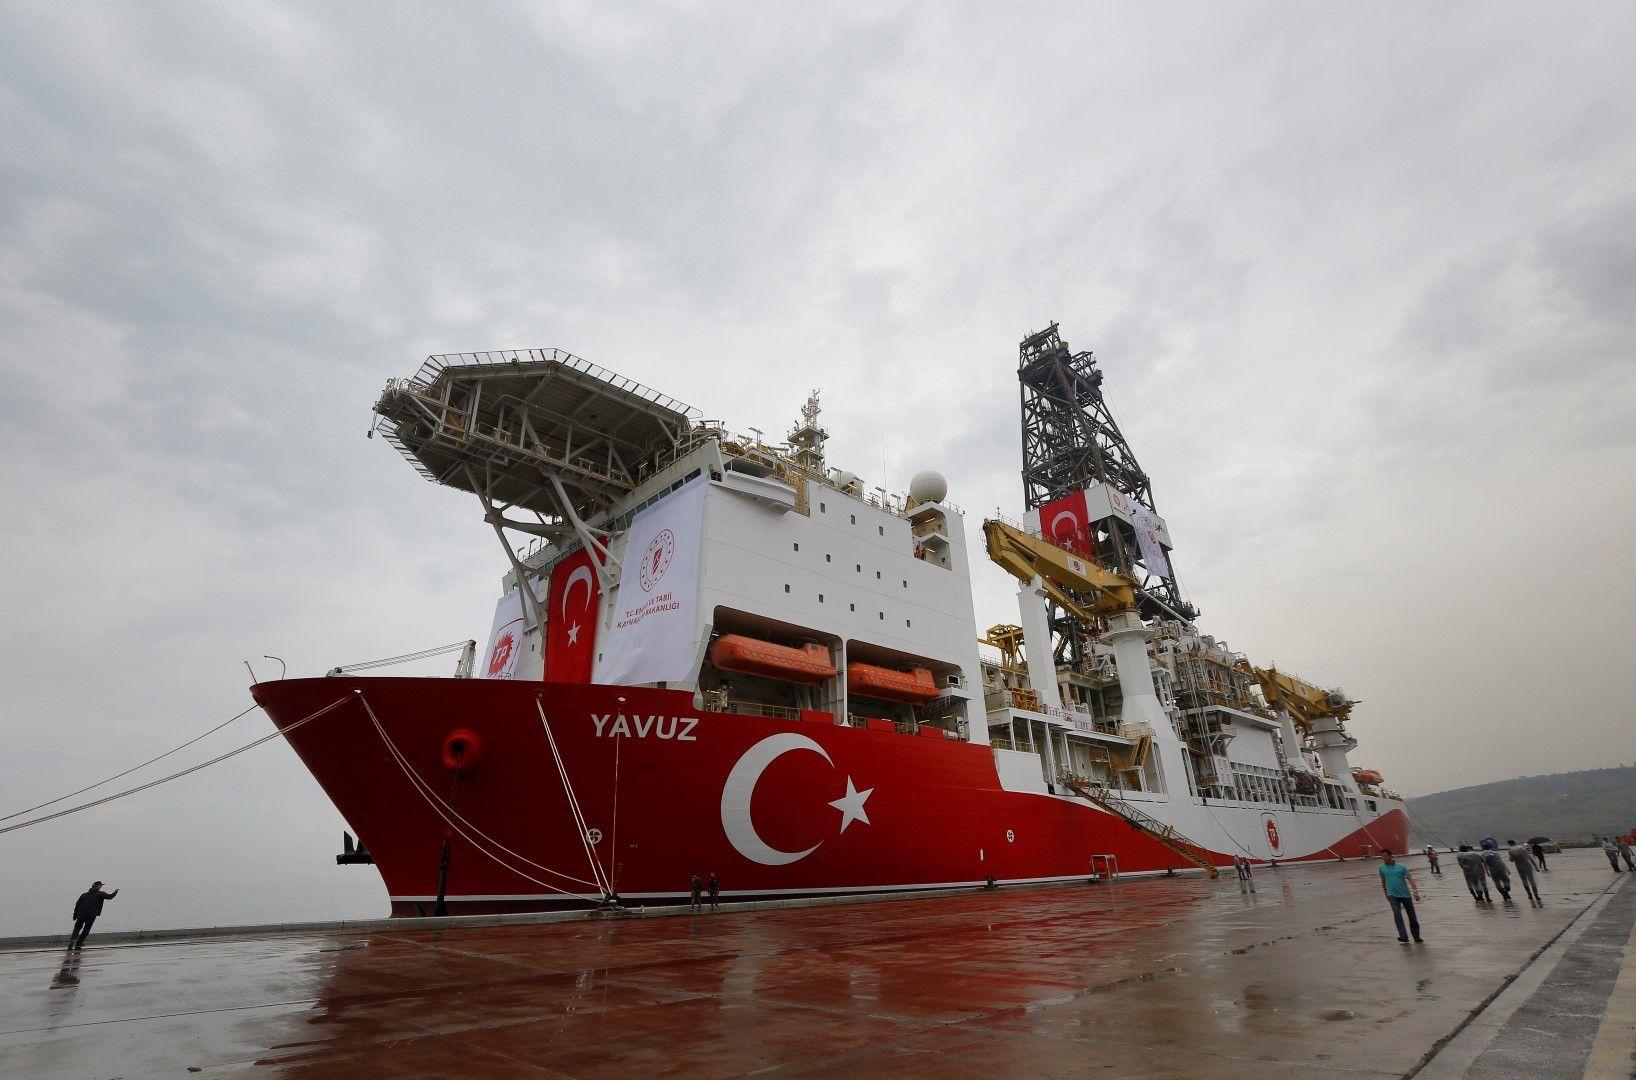 """Вторият турски сондажен кораб - """"Явуз"""" отплава към Кипър, 20 юни 2019 г."""